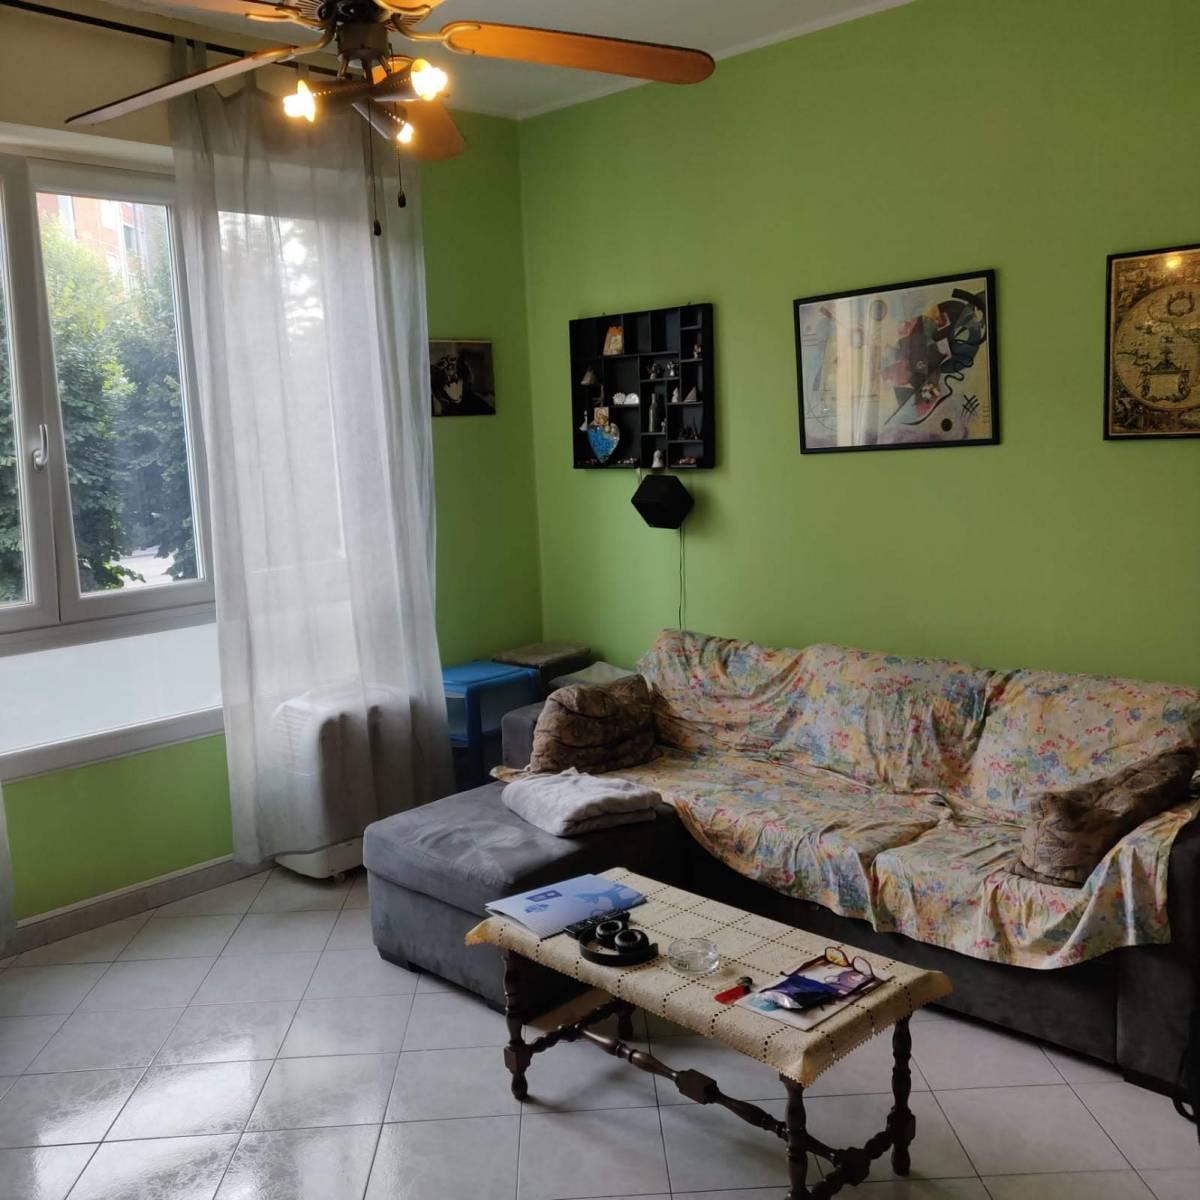 appartamento-in-vendita-milano-quartiere-olmi-milano-baggio-spaziourbano-immobiliare-vende-17